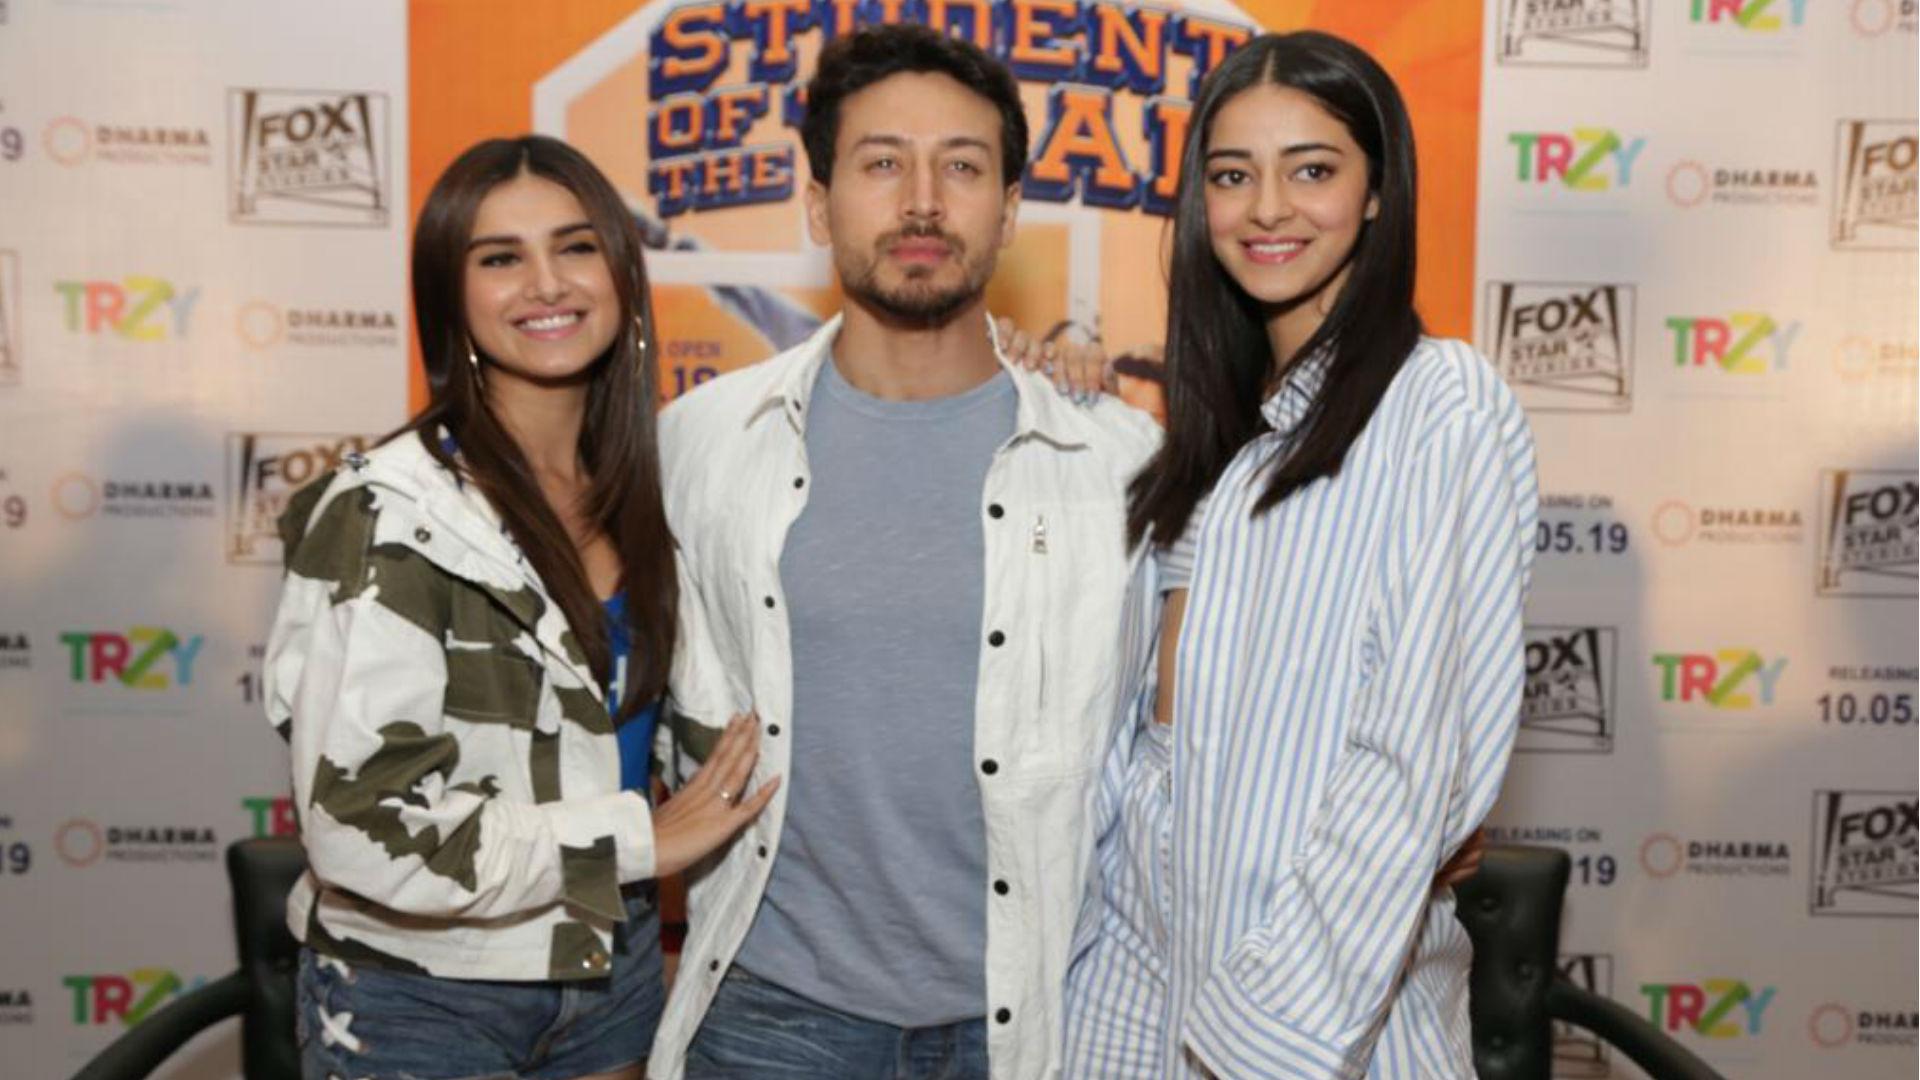 Student Of The Year 2 Exclusive: टाइगर श्रॉफ ने बताया क्यों साइन की ये फिल्म, वजह जानकर रह जाएंगे हैरान